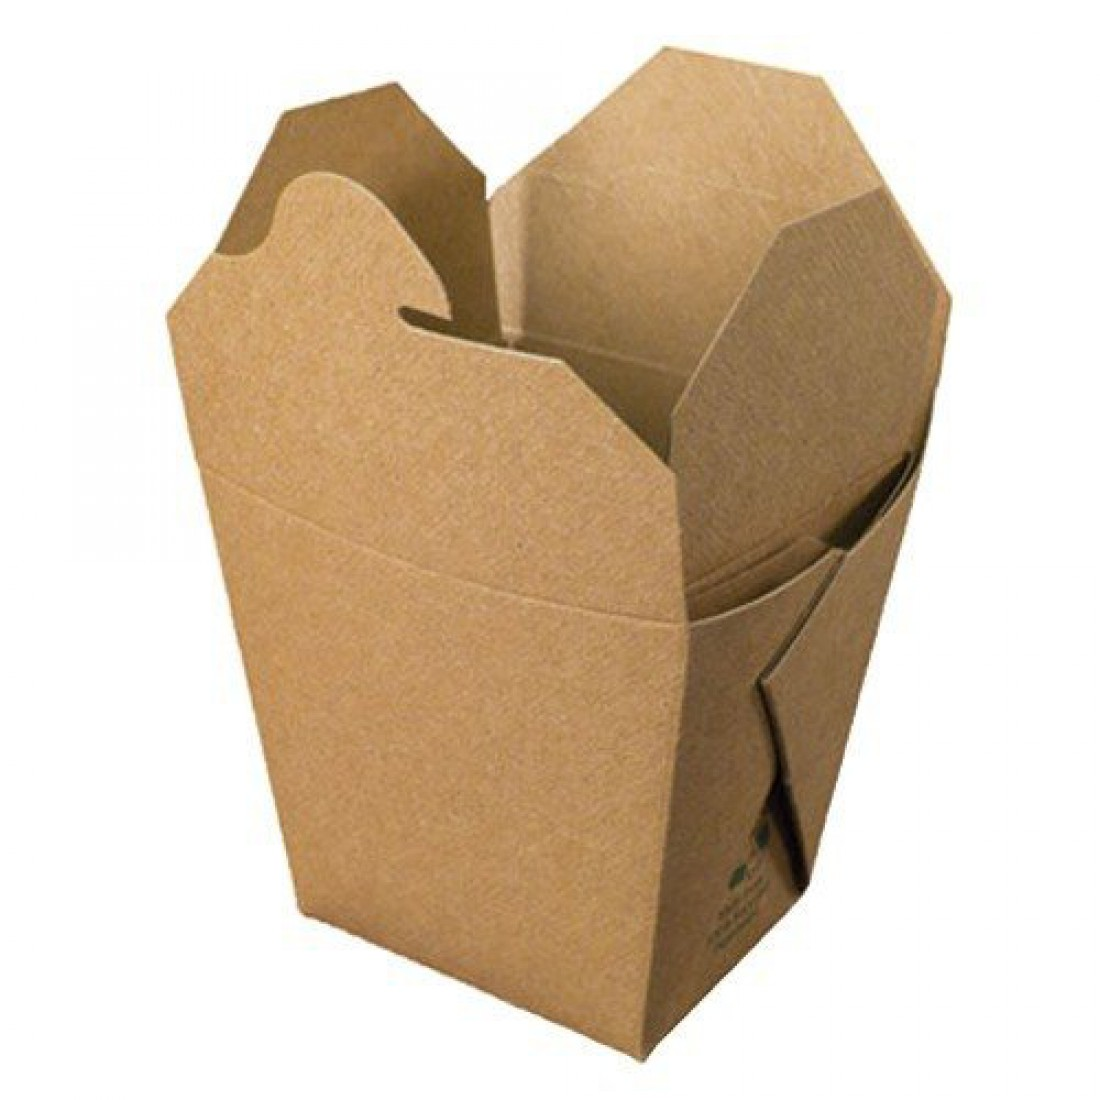 Что будет если положить бумажный пакет в микроволновку